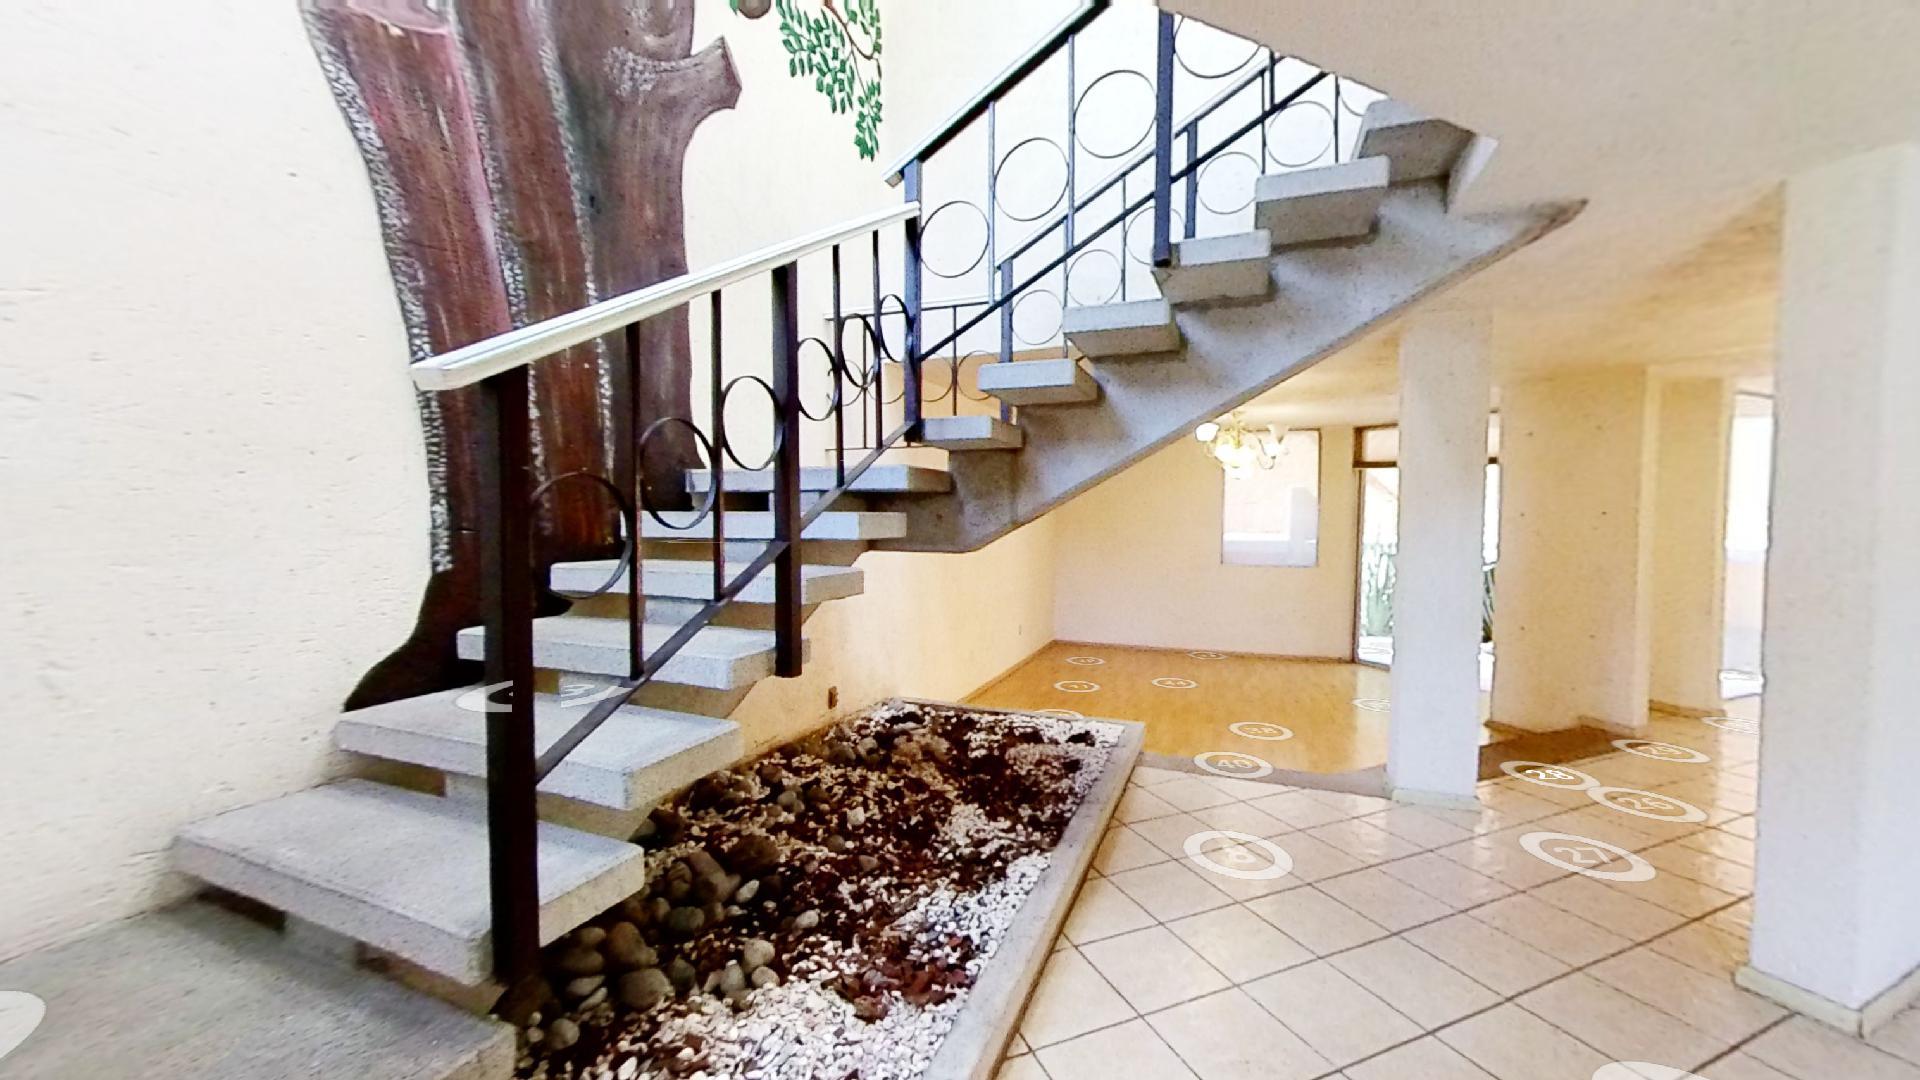 Casa en venta de 3 recámaras en Naucalpan de Juárez, entre Lomas Verdes y Jardines de San Mateo.